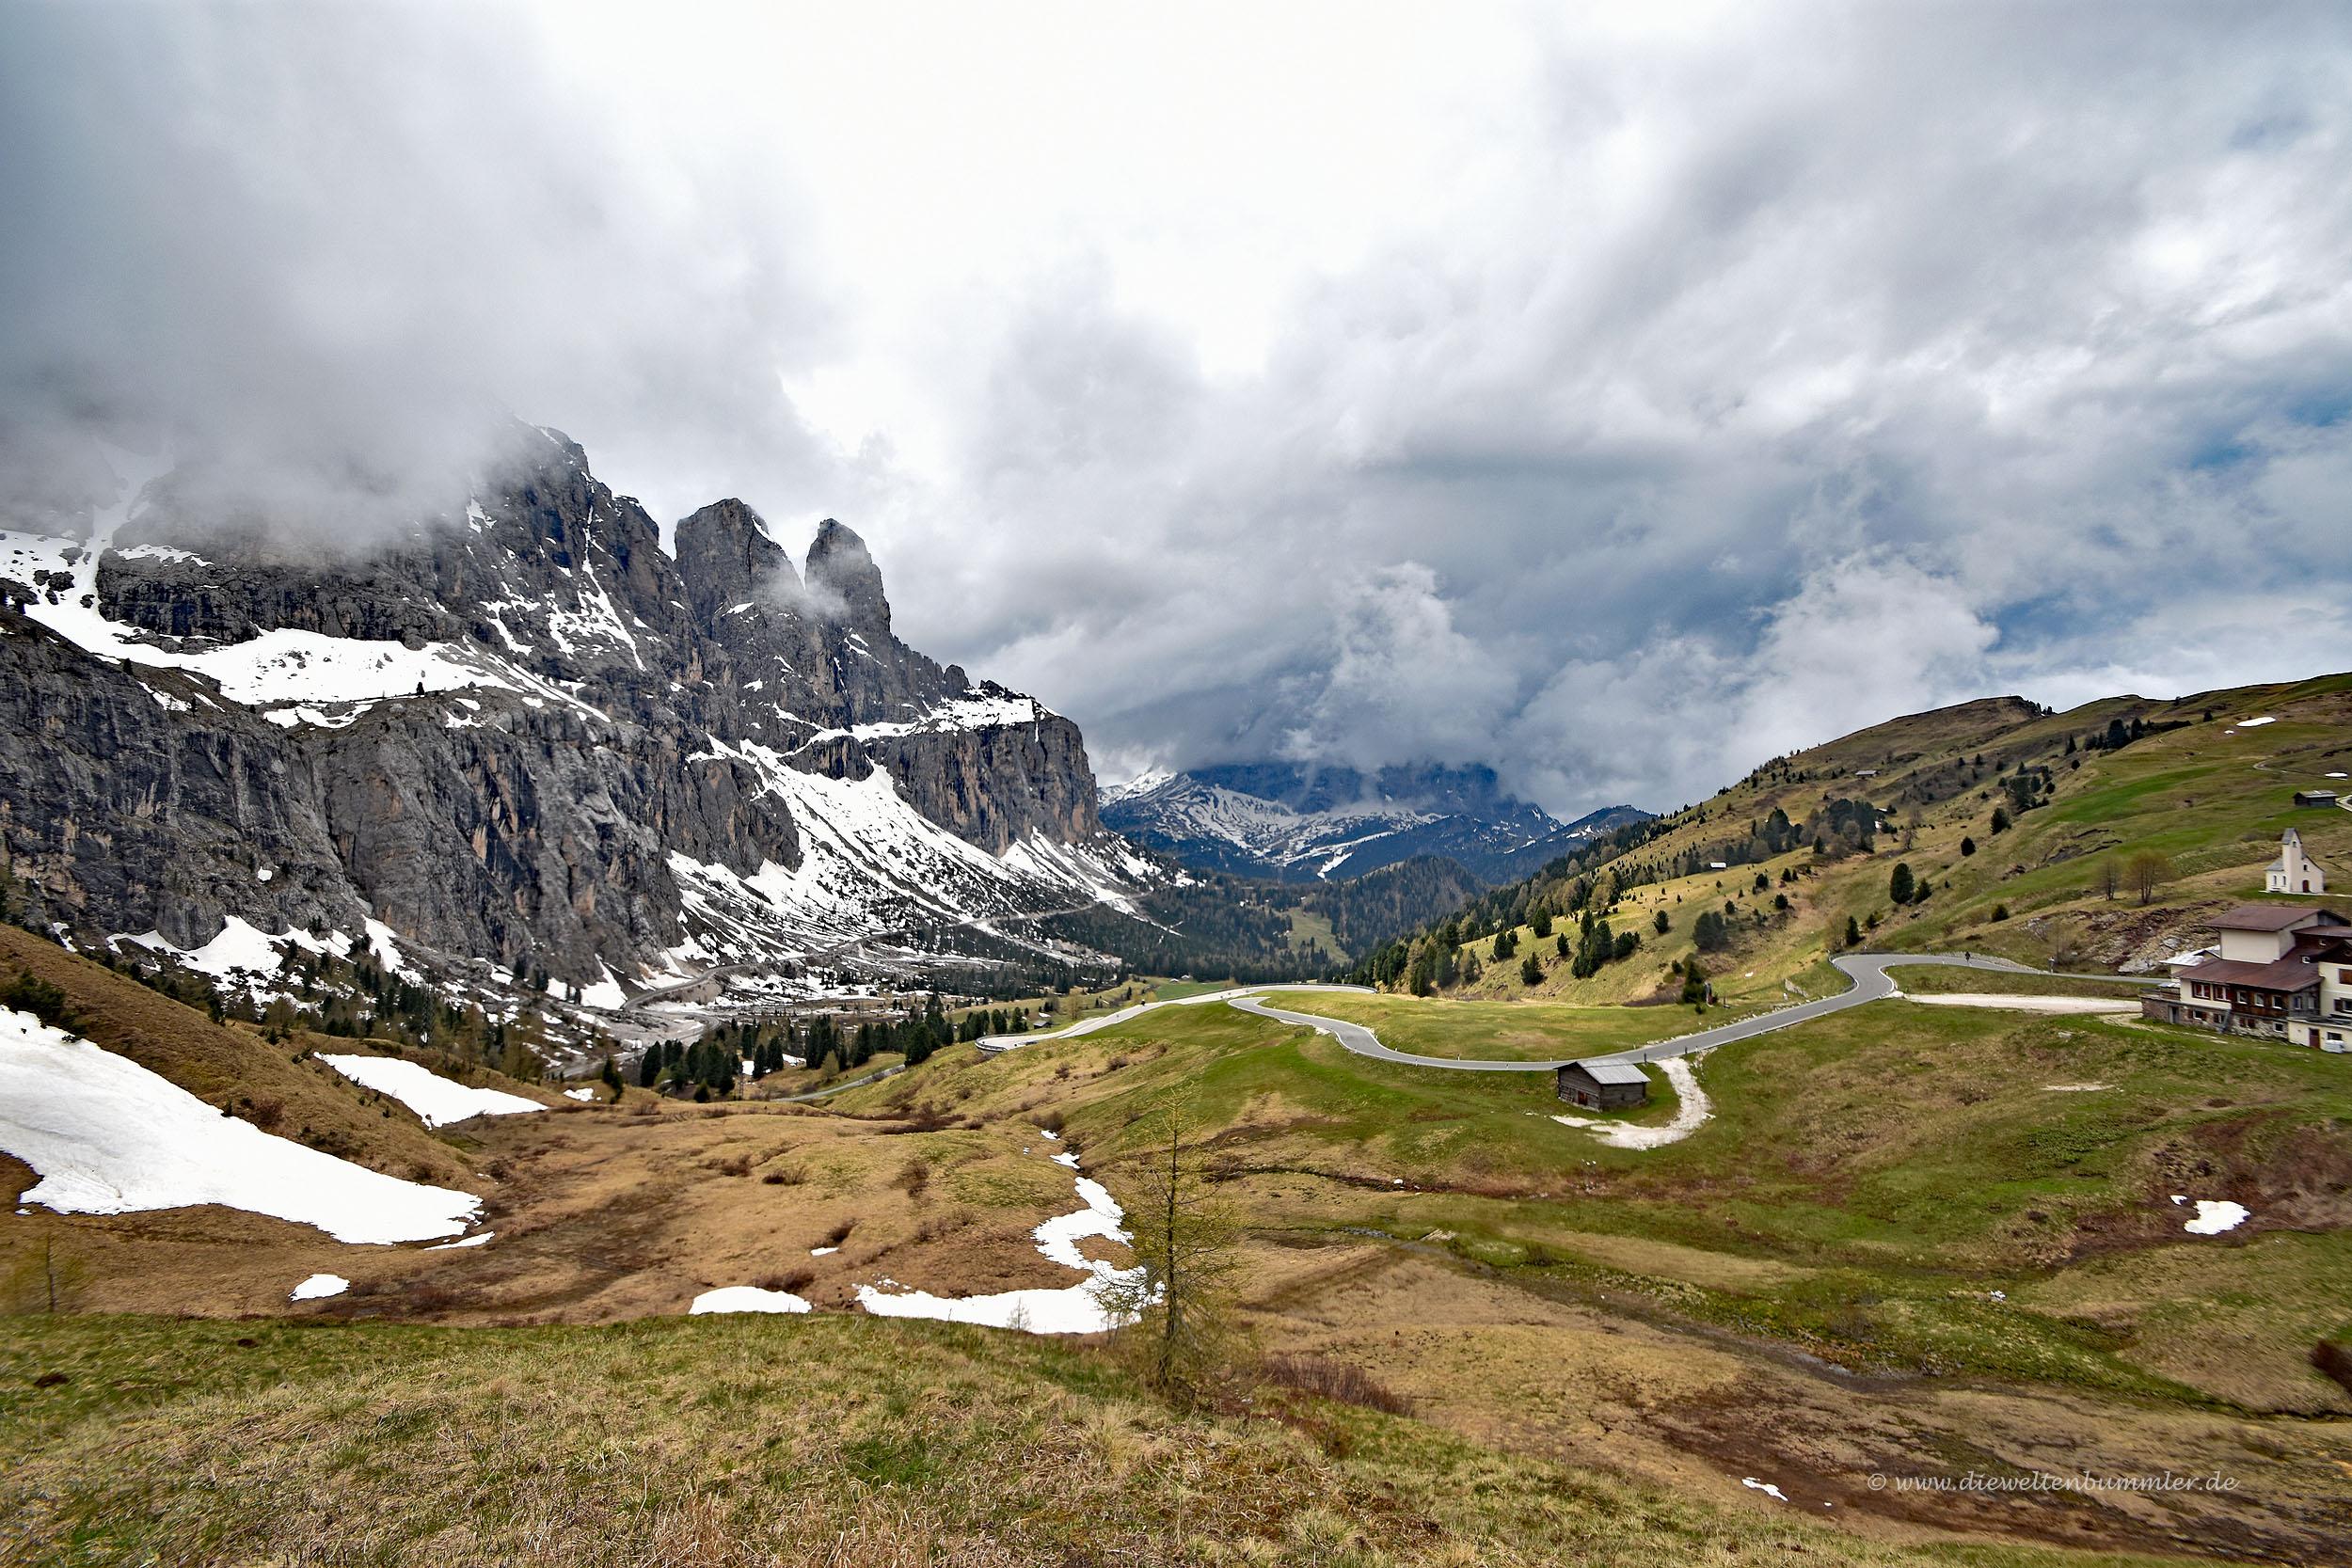 Straße und Berge am Grödner Joch